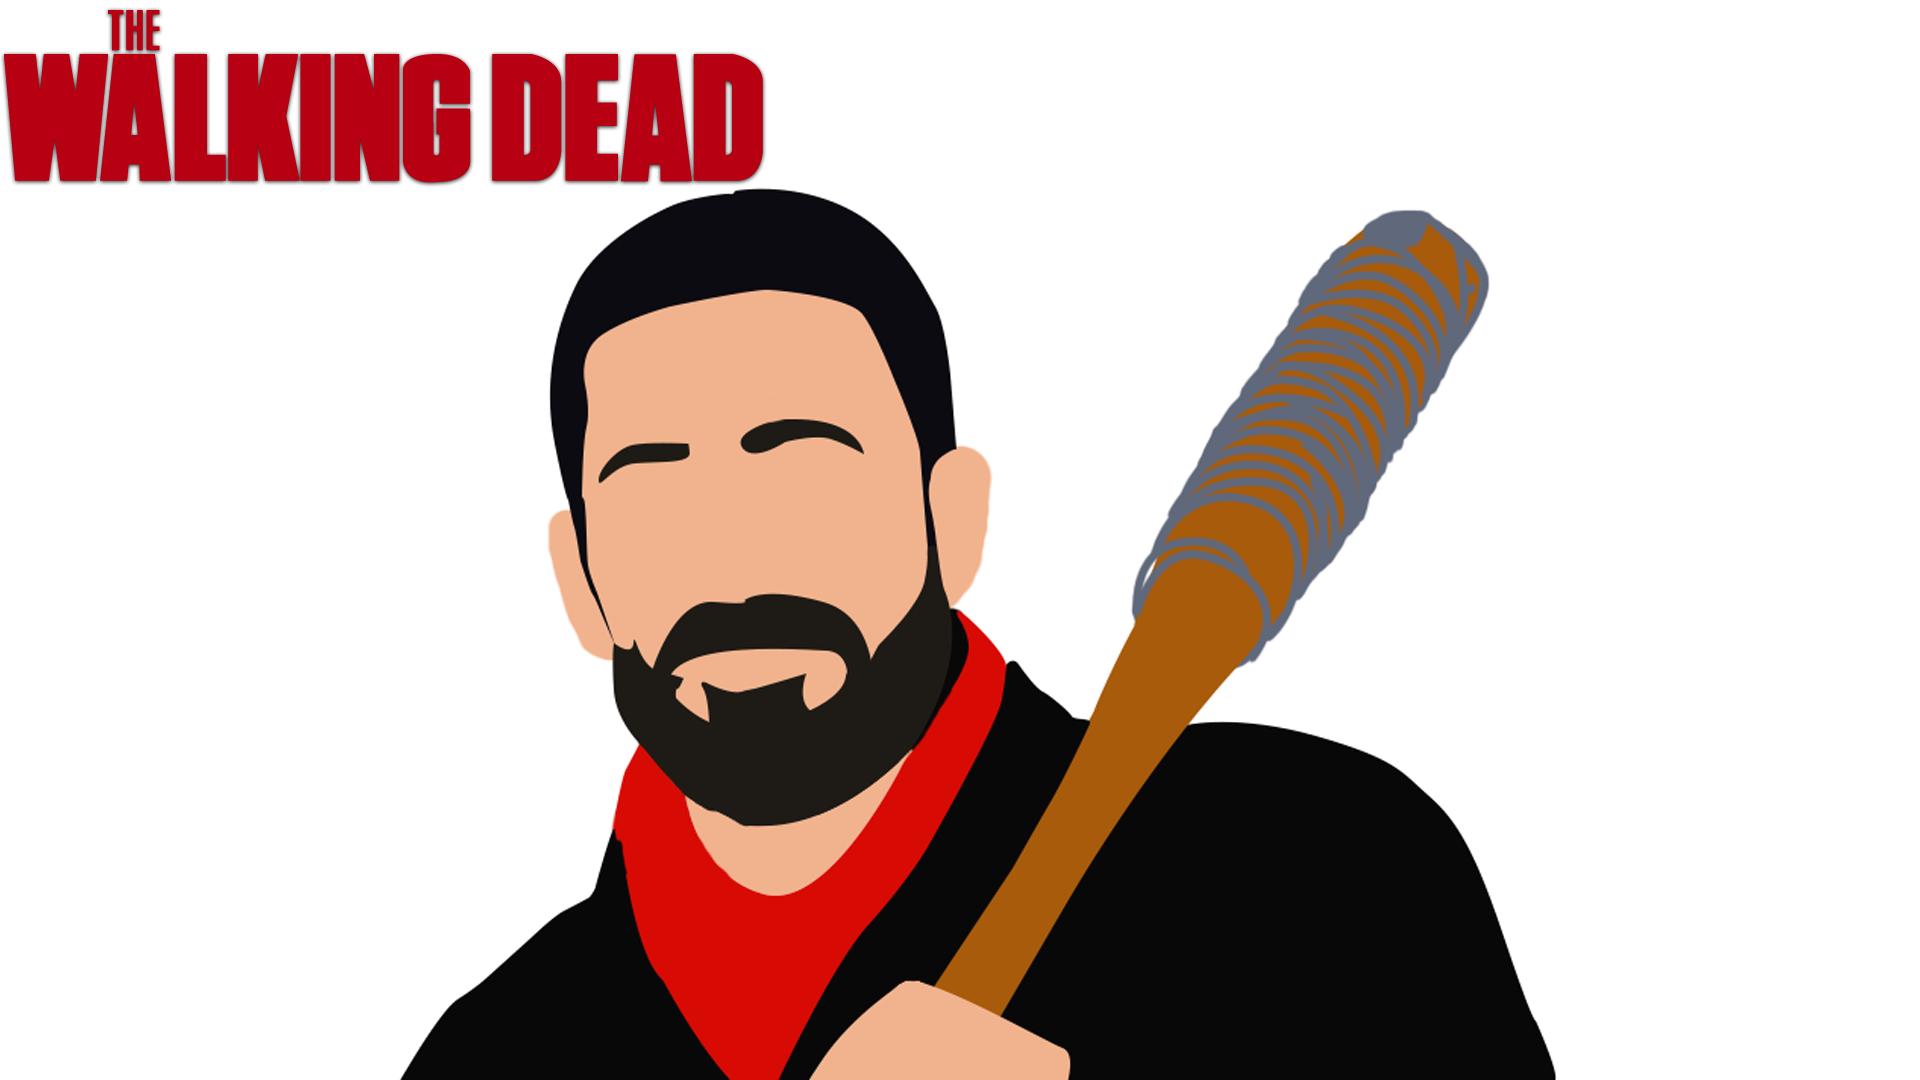 Wallpaper Negan The Walking Dead By Lavier10 On Deviantart